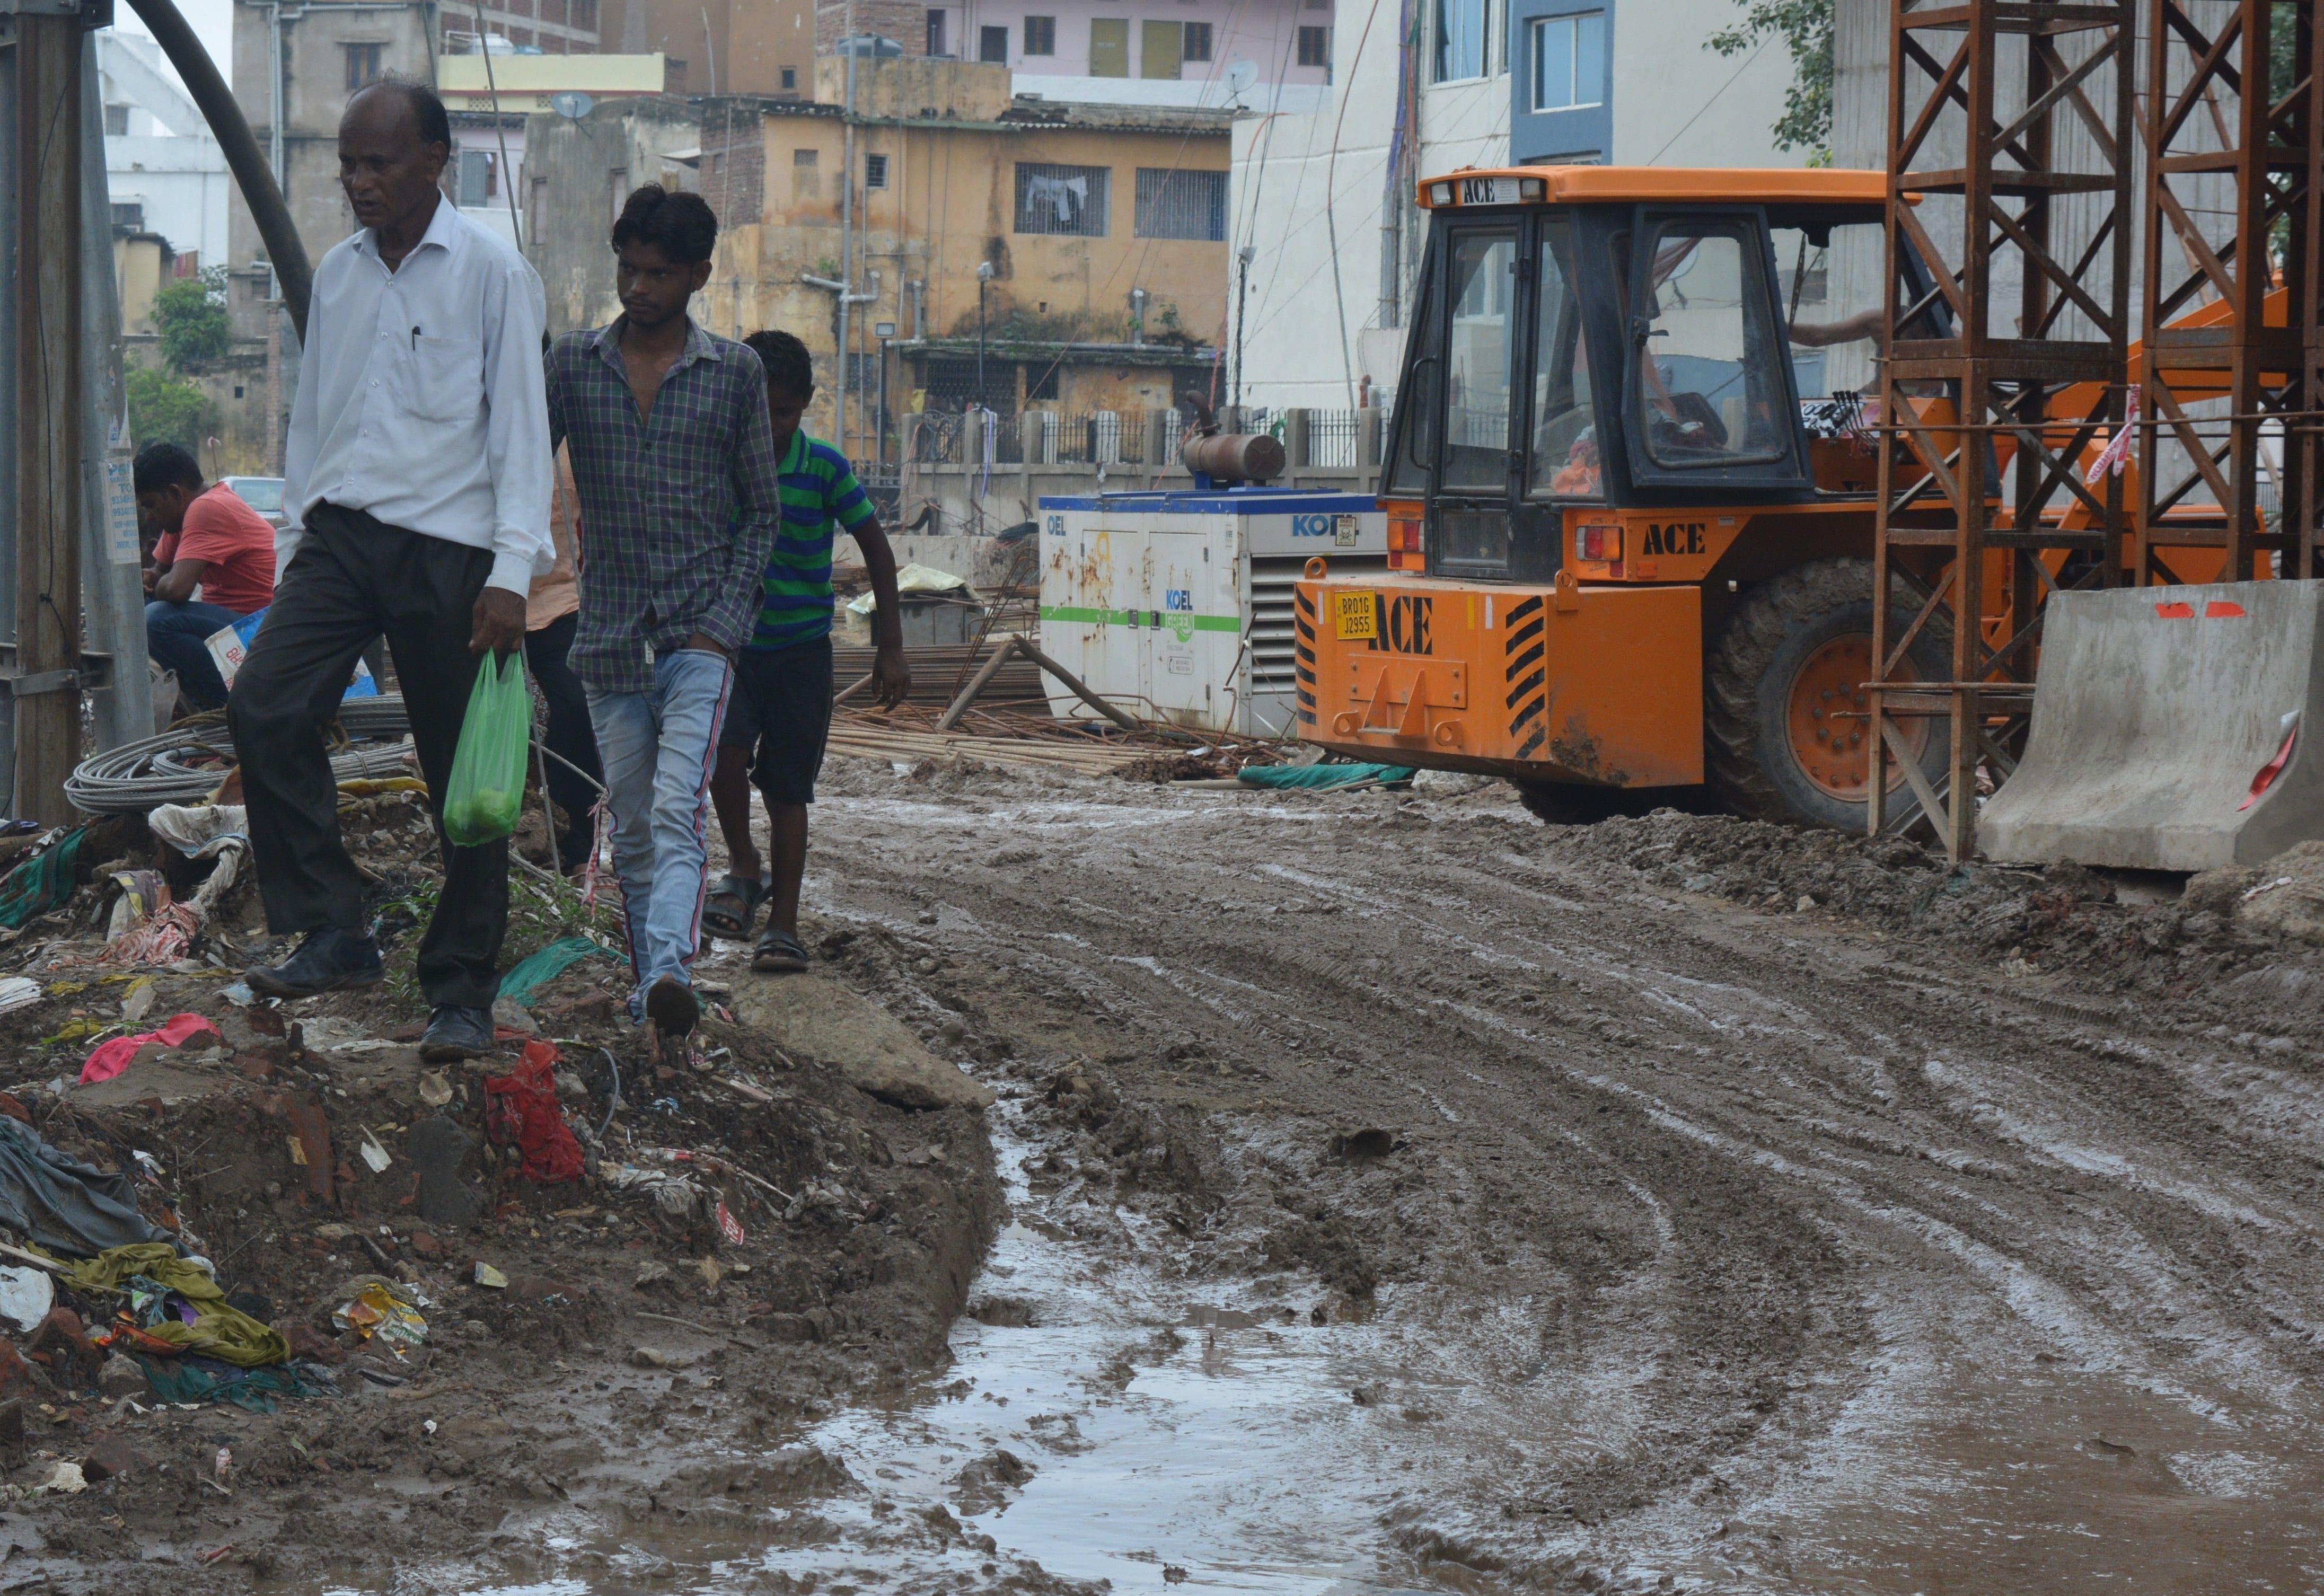 पुनाइचक इलाके में बारिश ने सड़क को कचरे का ढेर बना दिया है।